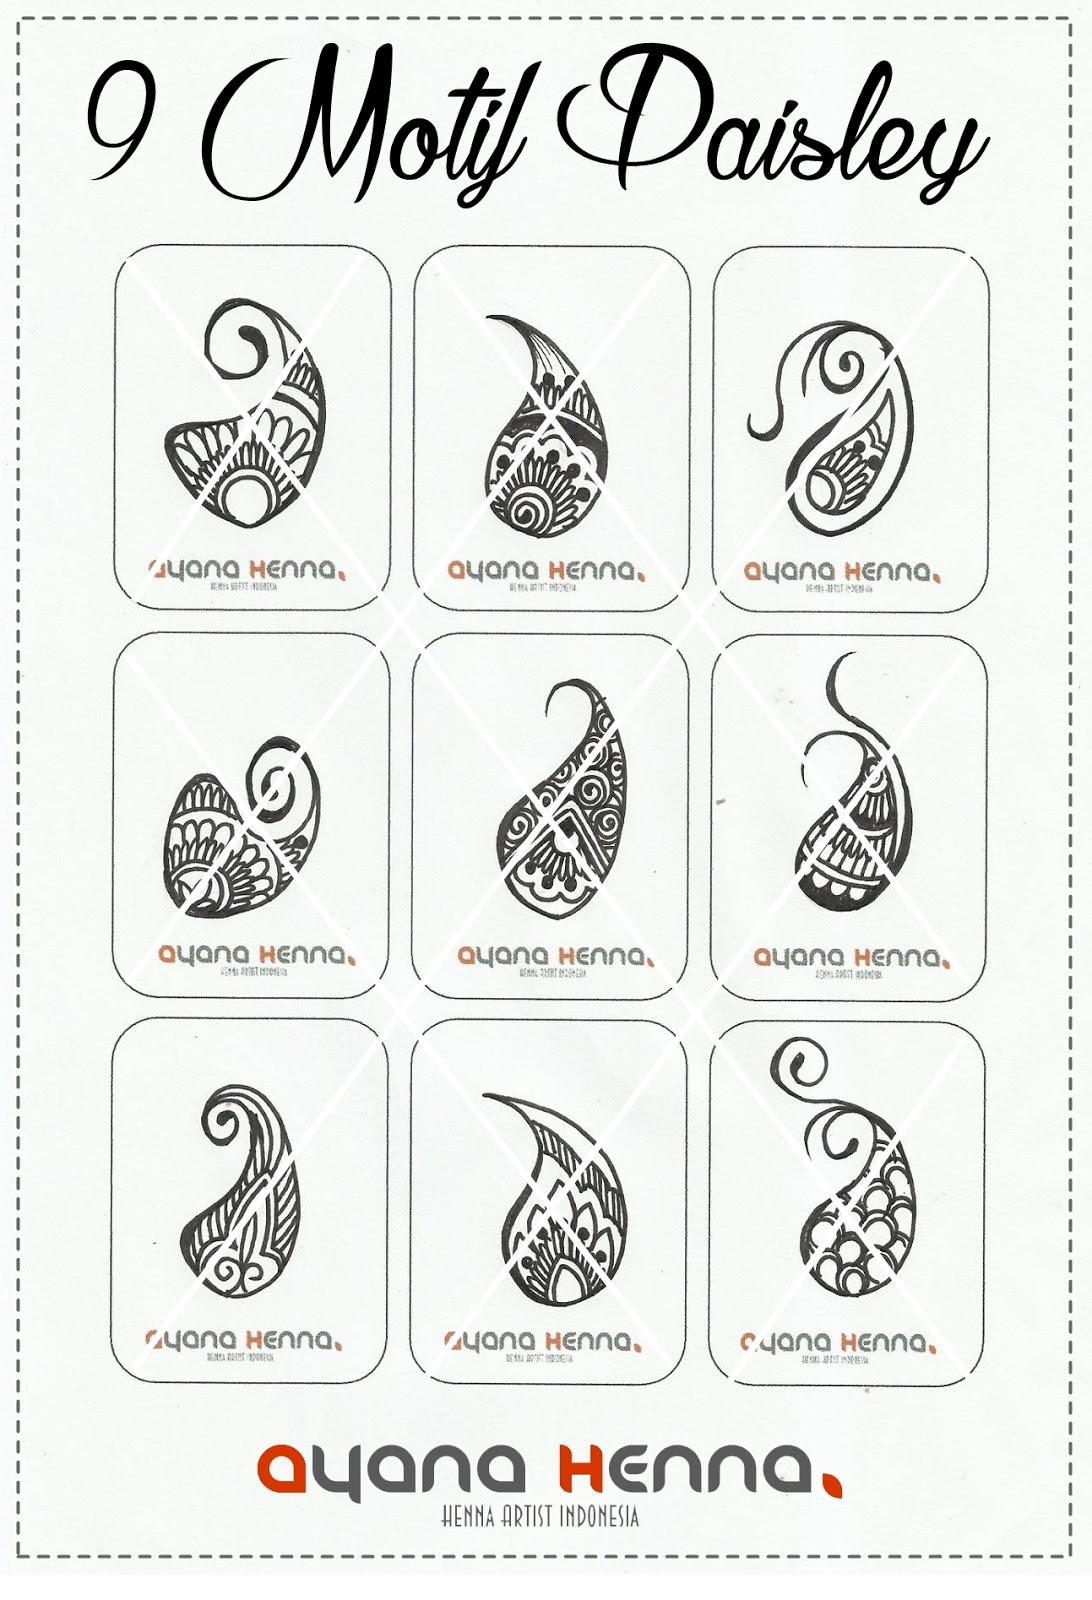 9 Motif Paisley Ayana Henna